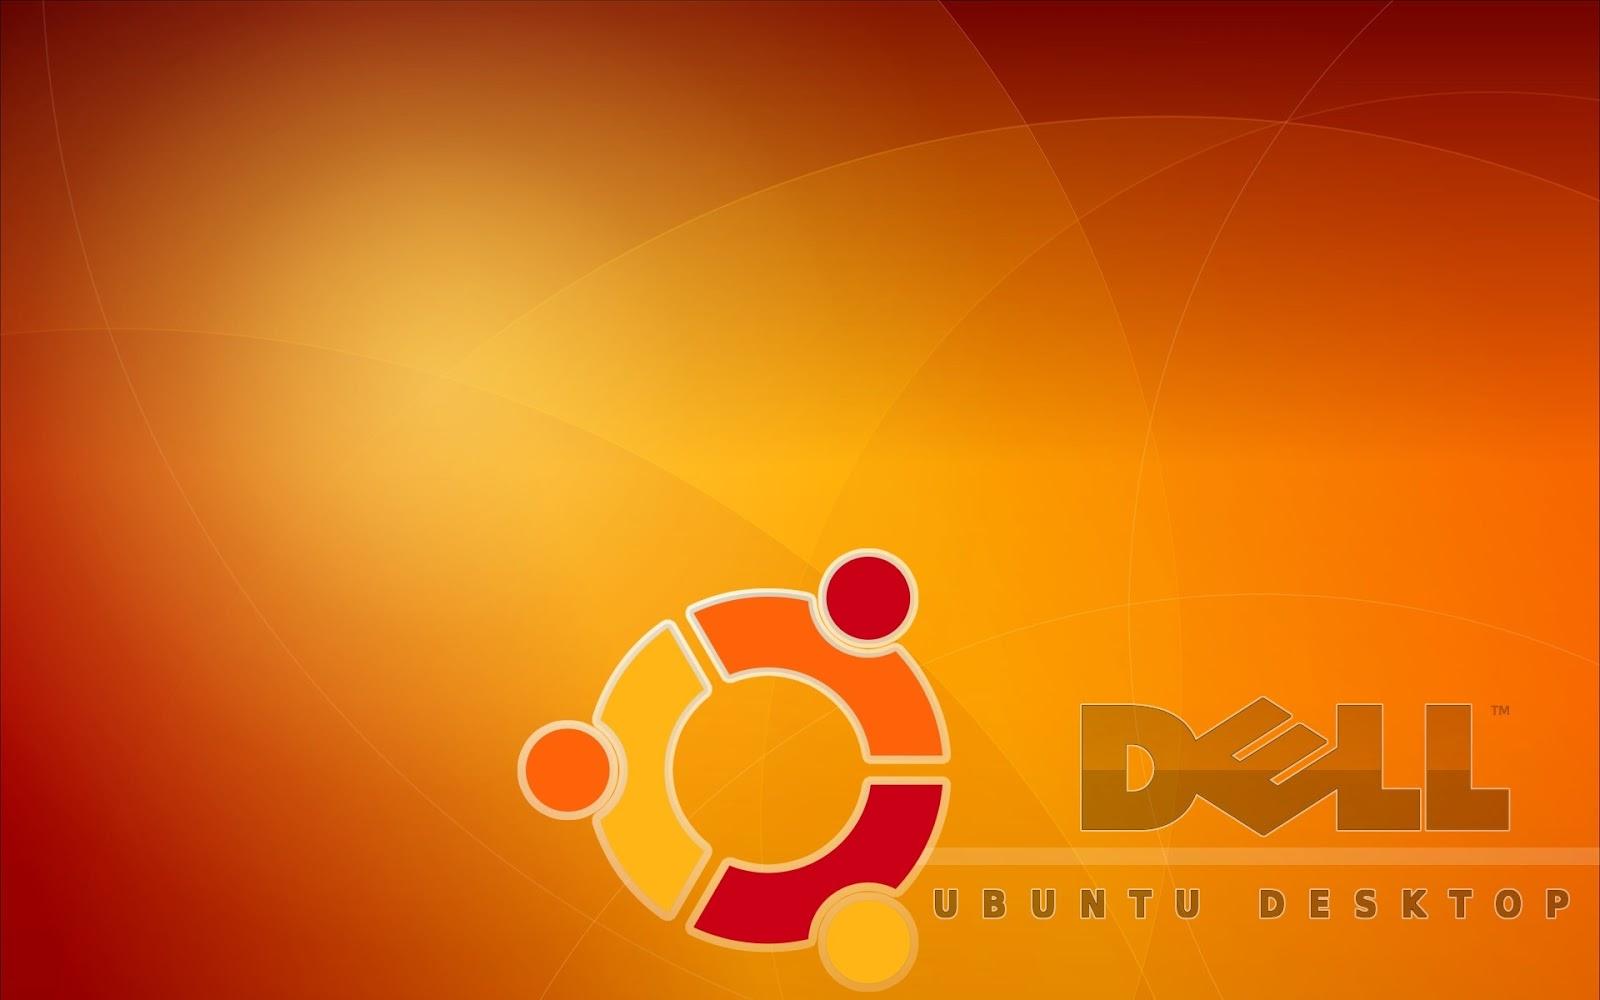 http://1.bp.blogspot.com/-bh7RVecNYdo/UIpjRaEeMyI/AAAAAAAAACg/2rGdr_2dQmw/s1600/ubuntu+wallpaper+desktop+hd+dell.jpg